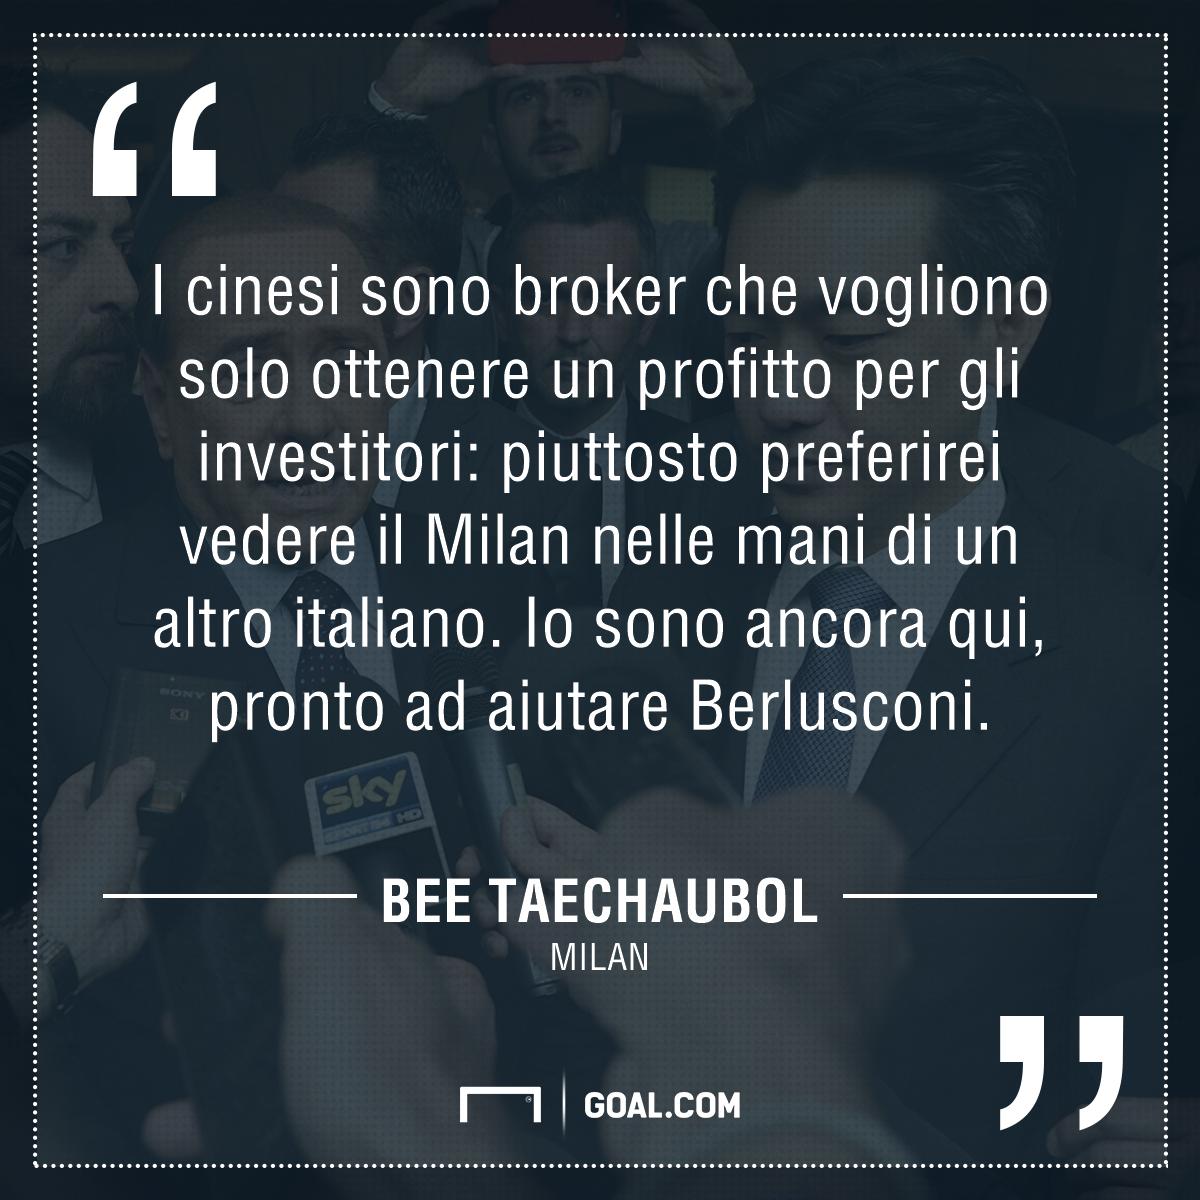 Cessione Milan, rispunta Mr Bee con una clamorosa offerta